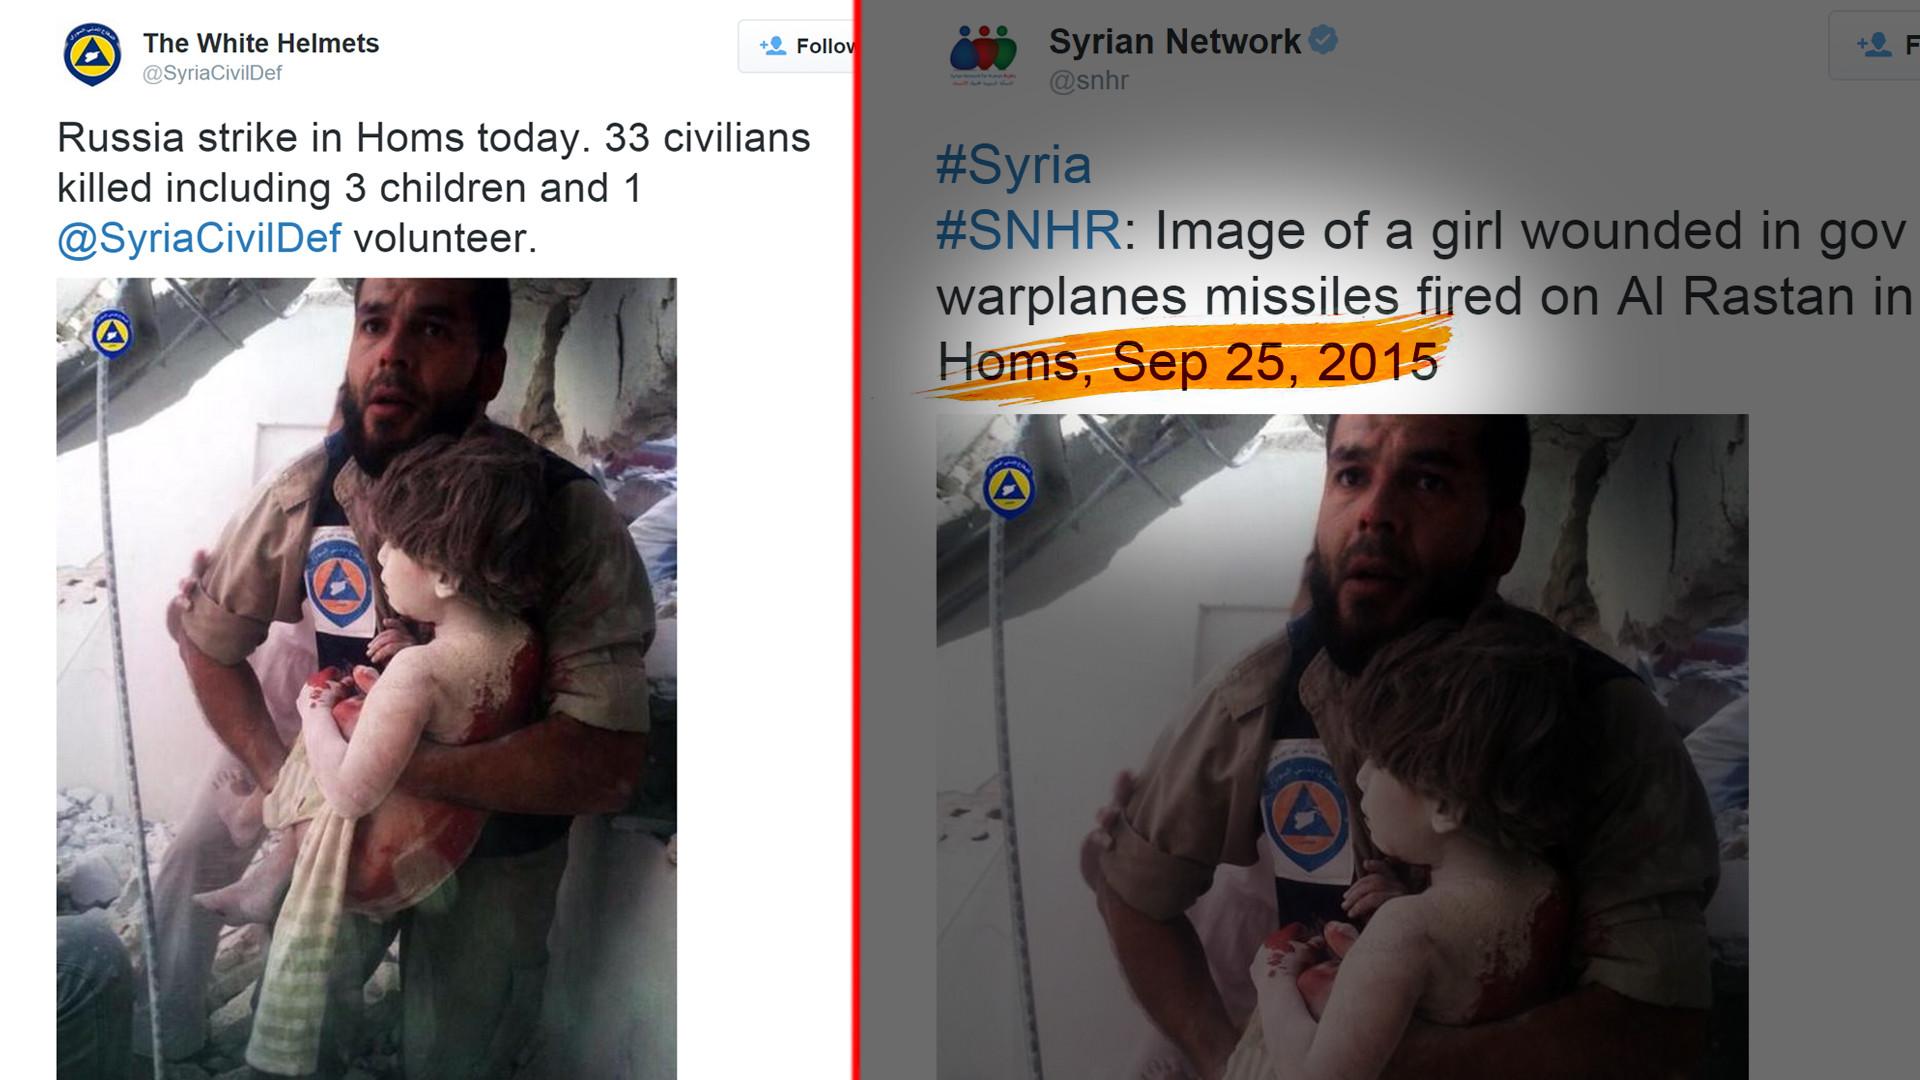 Les frappes russes en Syrie font des victimes... des accusations sans preuves ?